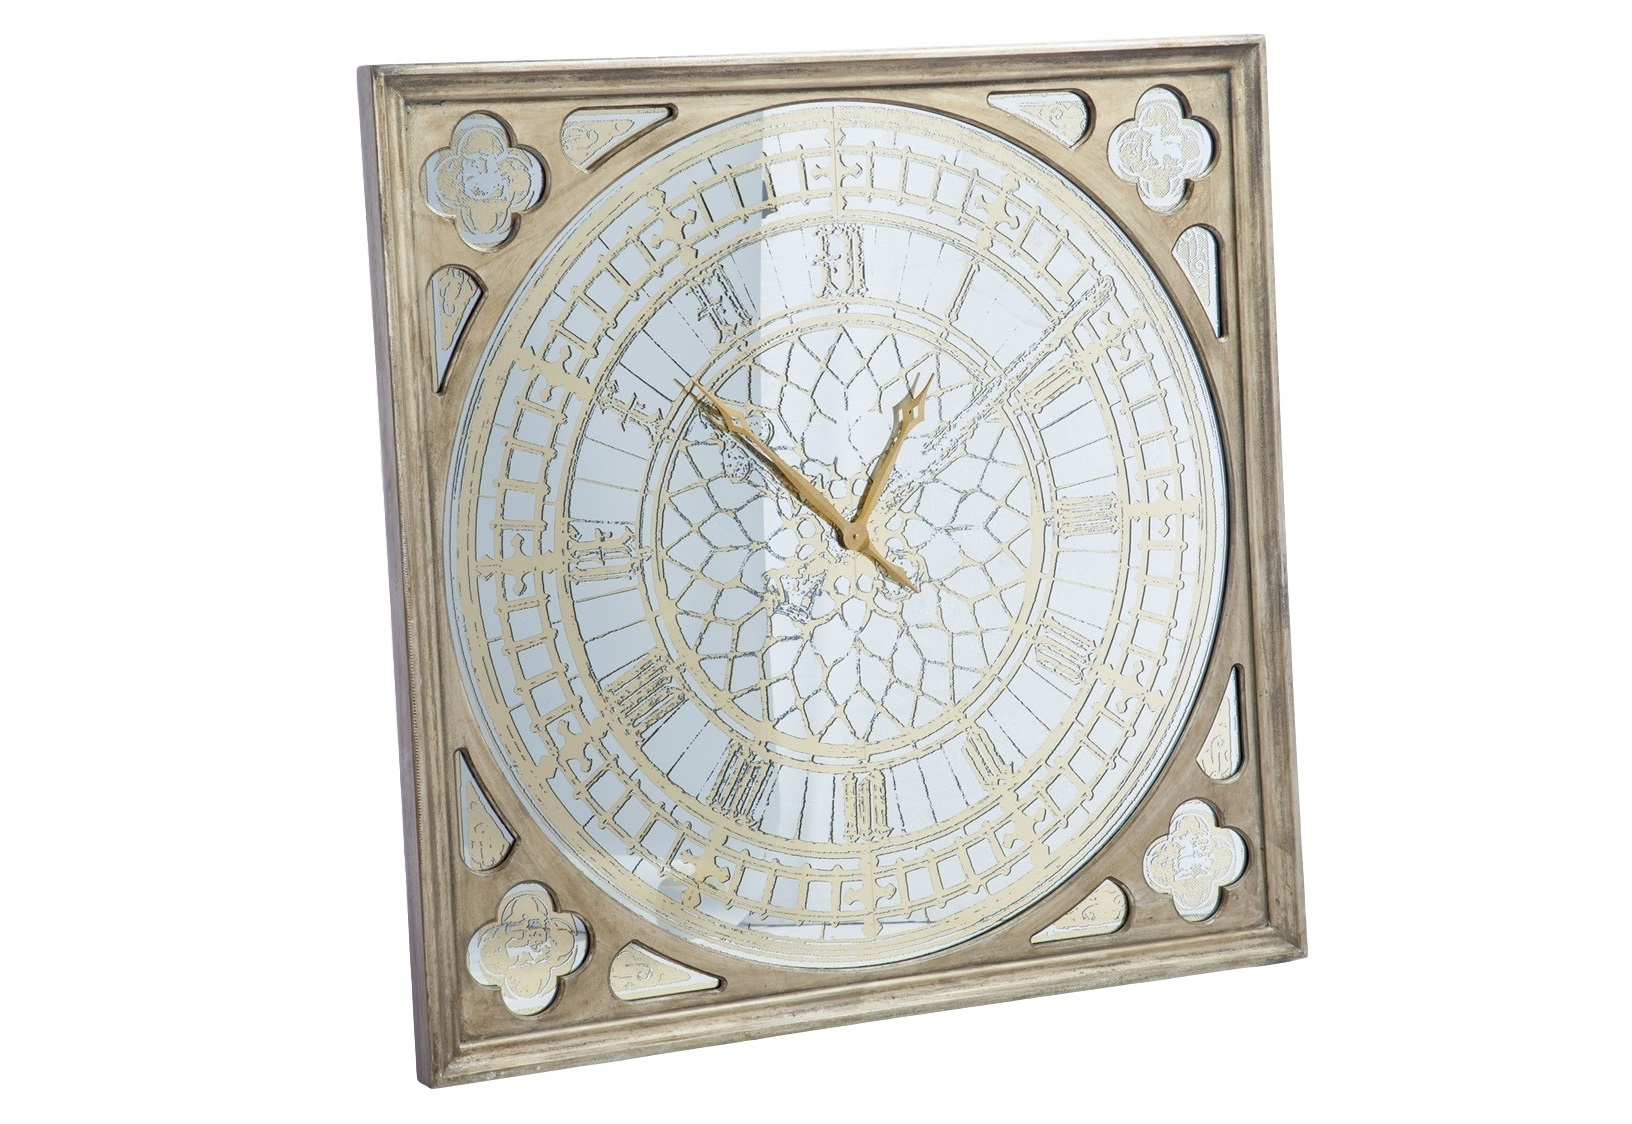 Часы настенные зеркальныеНастенные часы<br>Часы зеркальные настенные на батарейках в состаренной раме ,рисунок на зеркале.<br><br>Material: Стекло<br>Ширина см: 125<br>Высота см: 125<br>Глубина см: 6